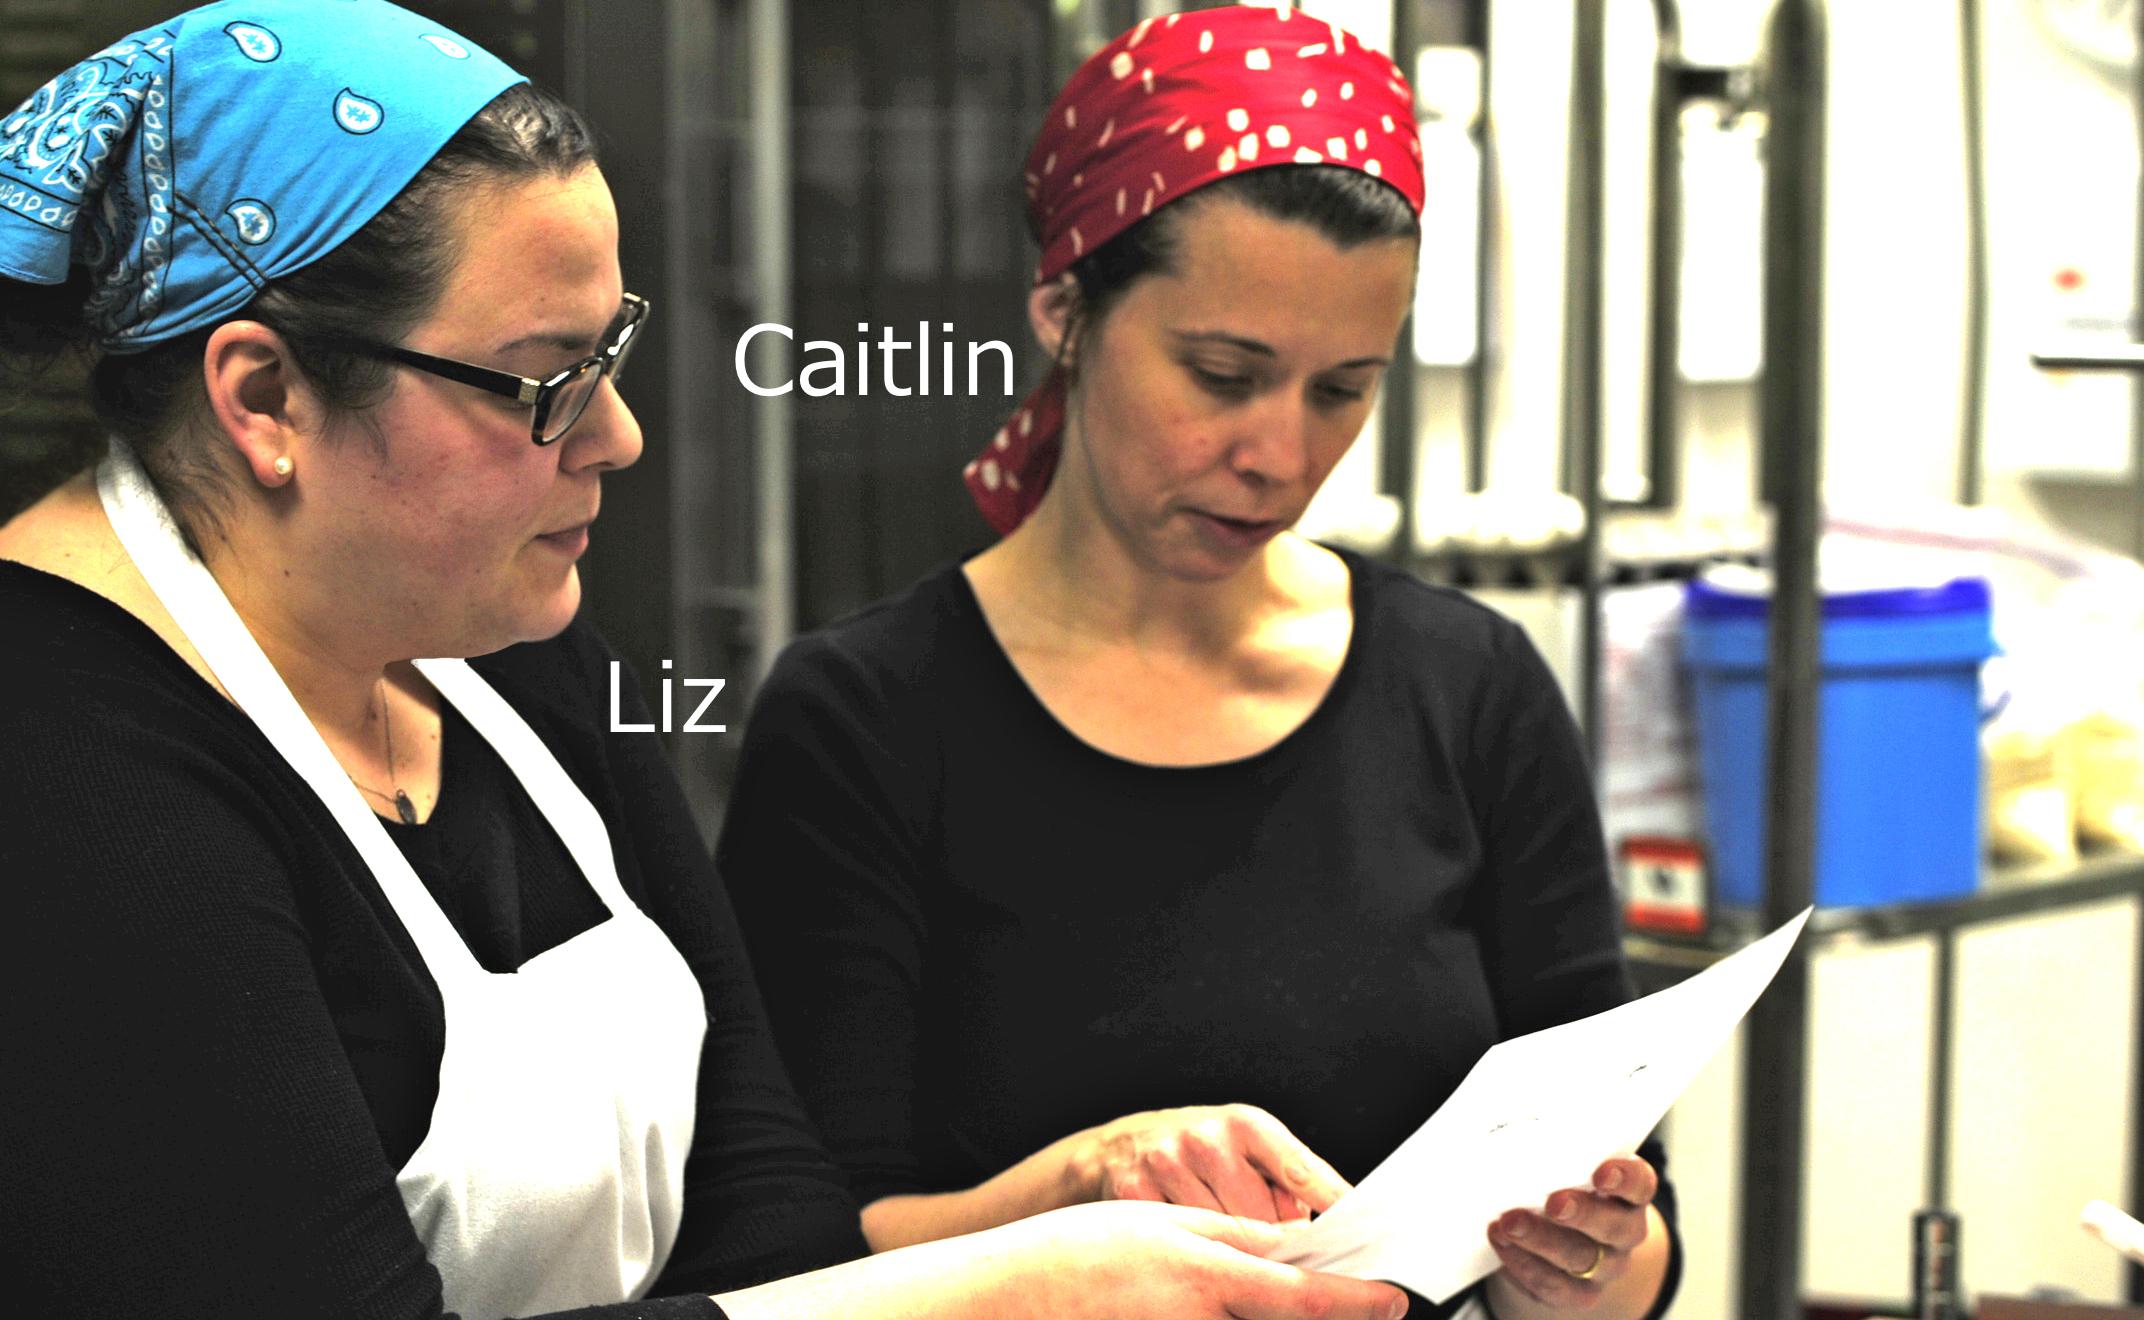 Liz and Caitlin